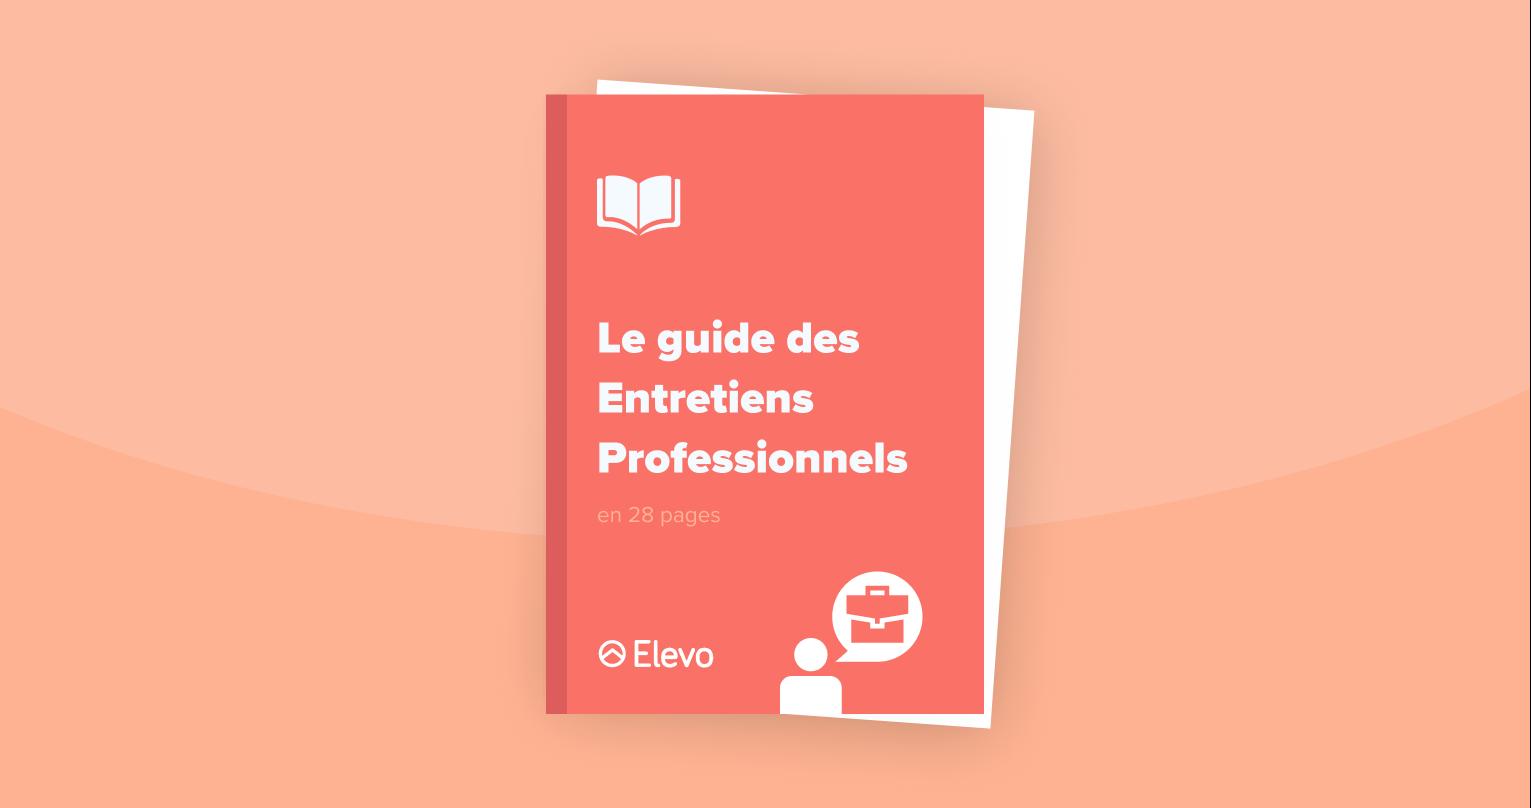 Elevo - Le guide des Entretiens Professionnels